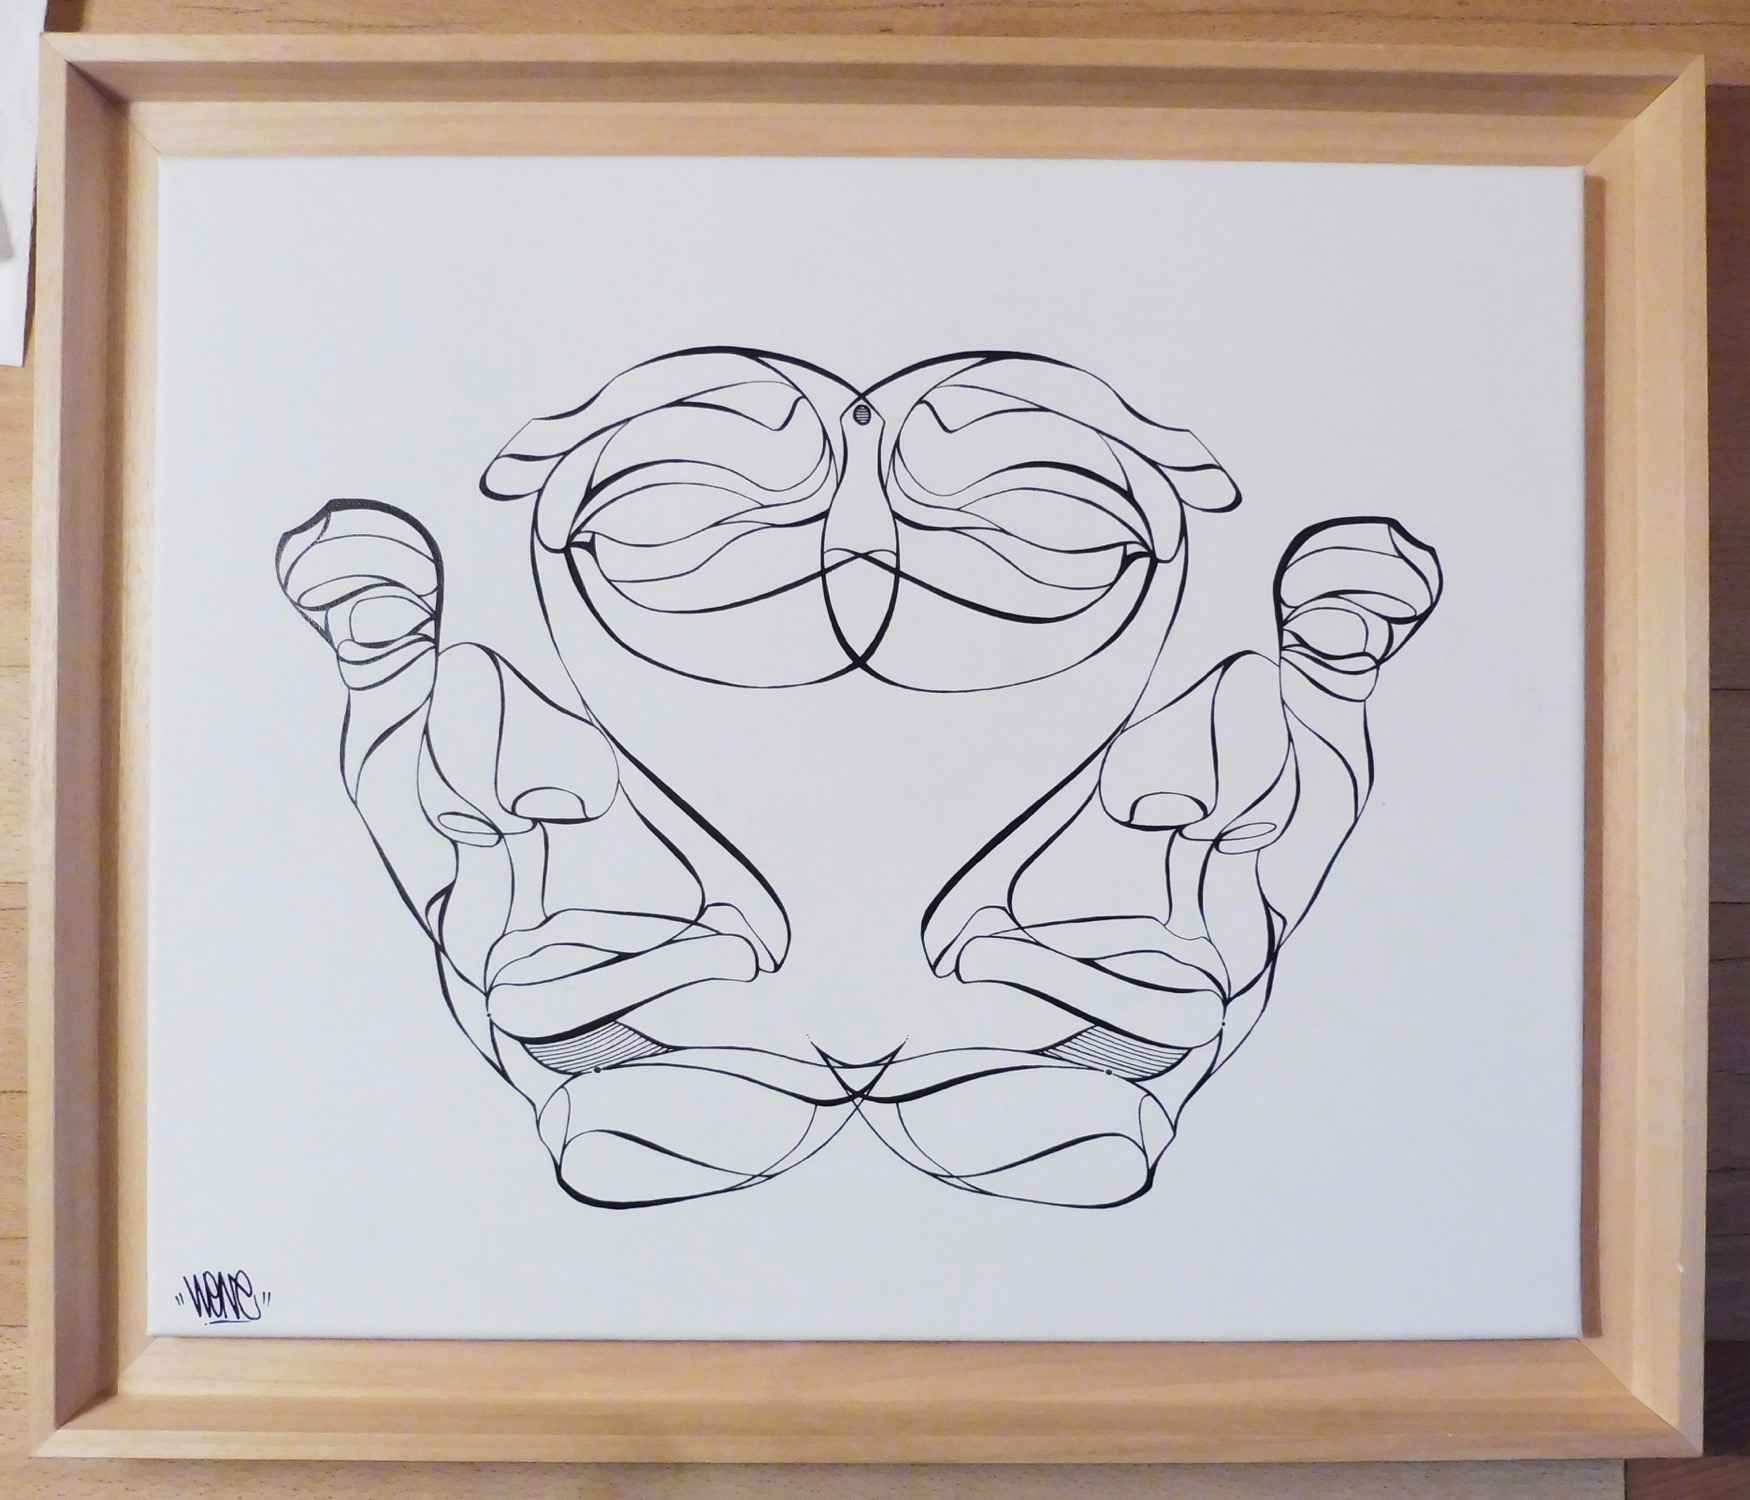 Rorschach by   WONE - Masterpiece Online